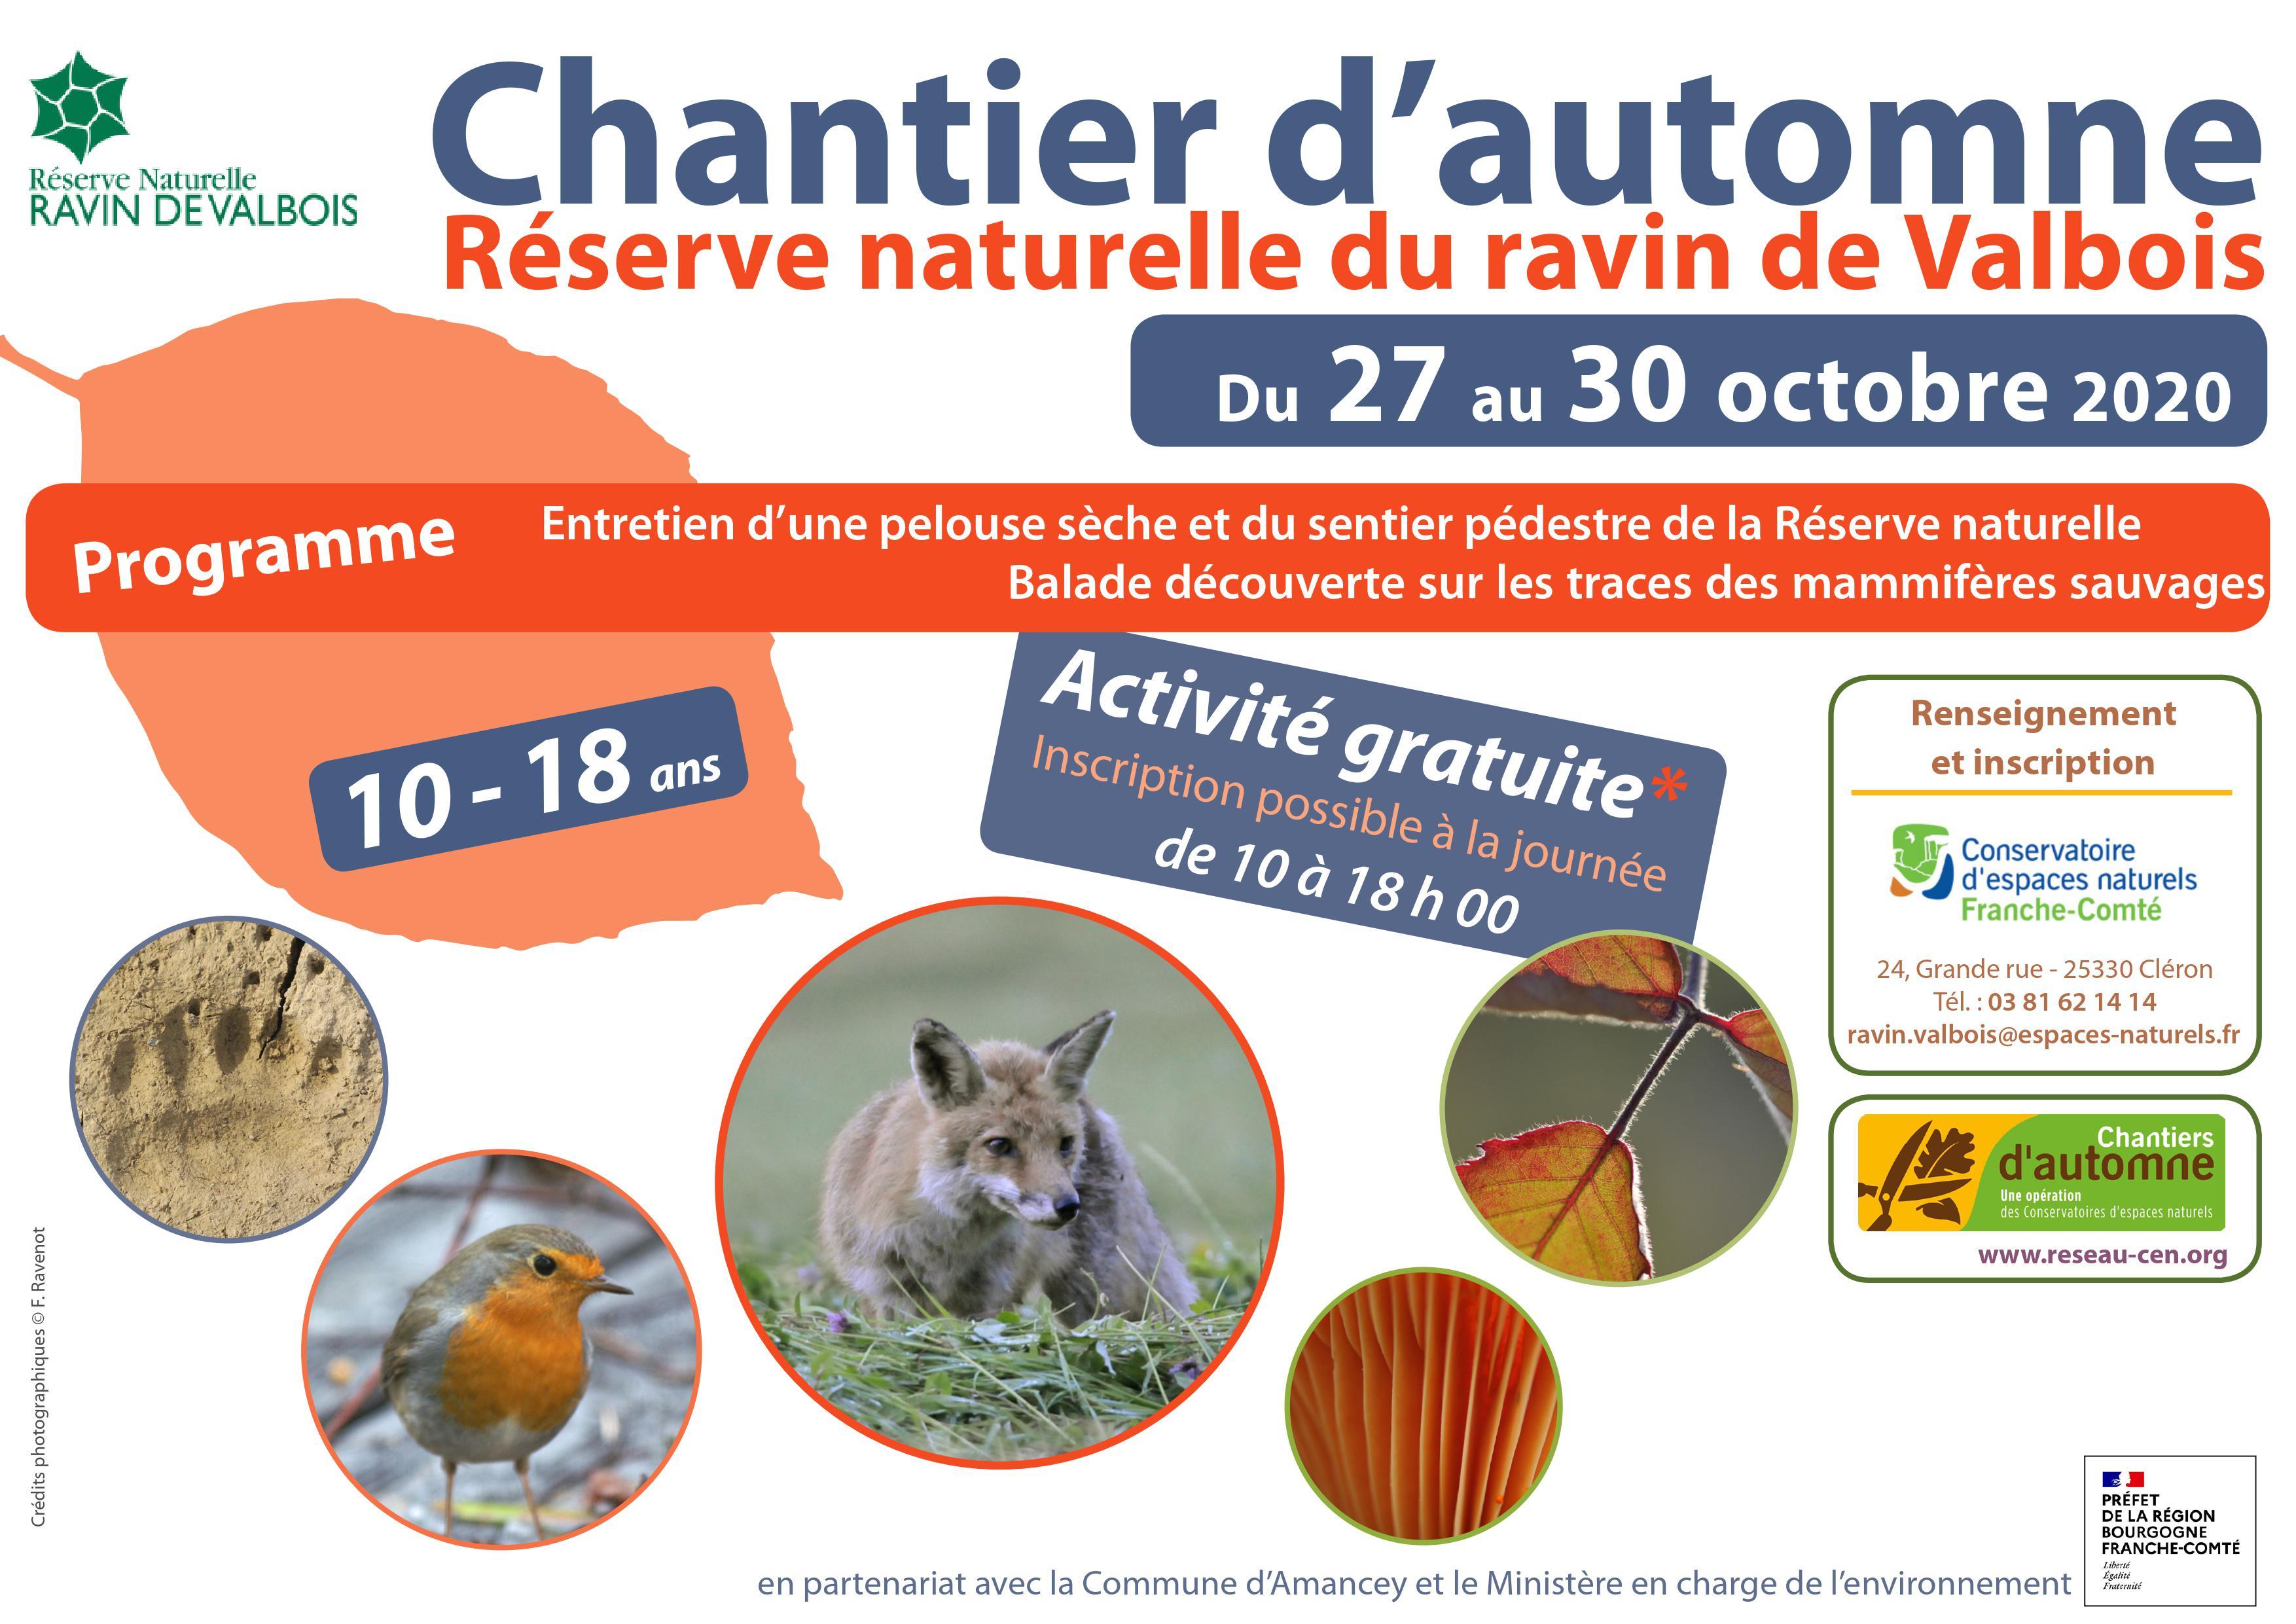 Chantier d_automne 2020.jpg